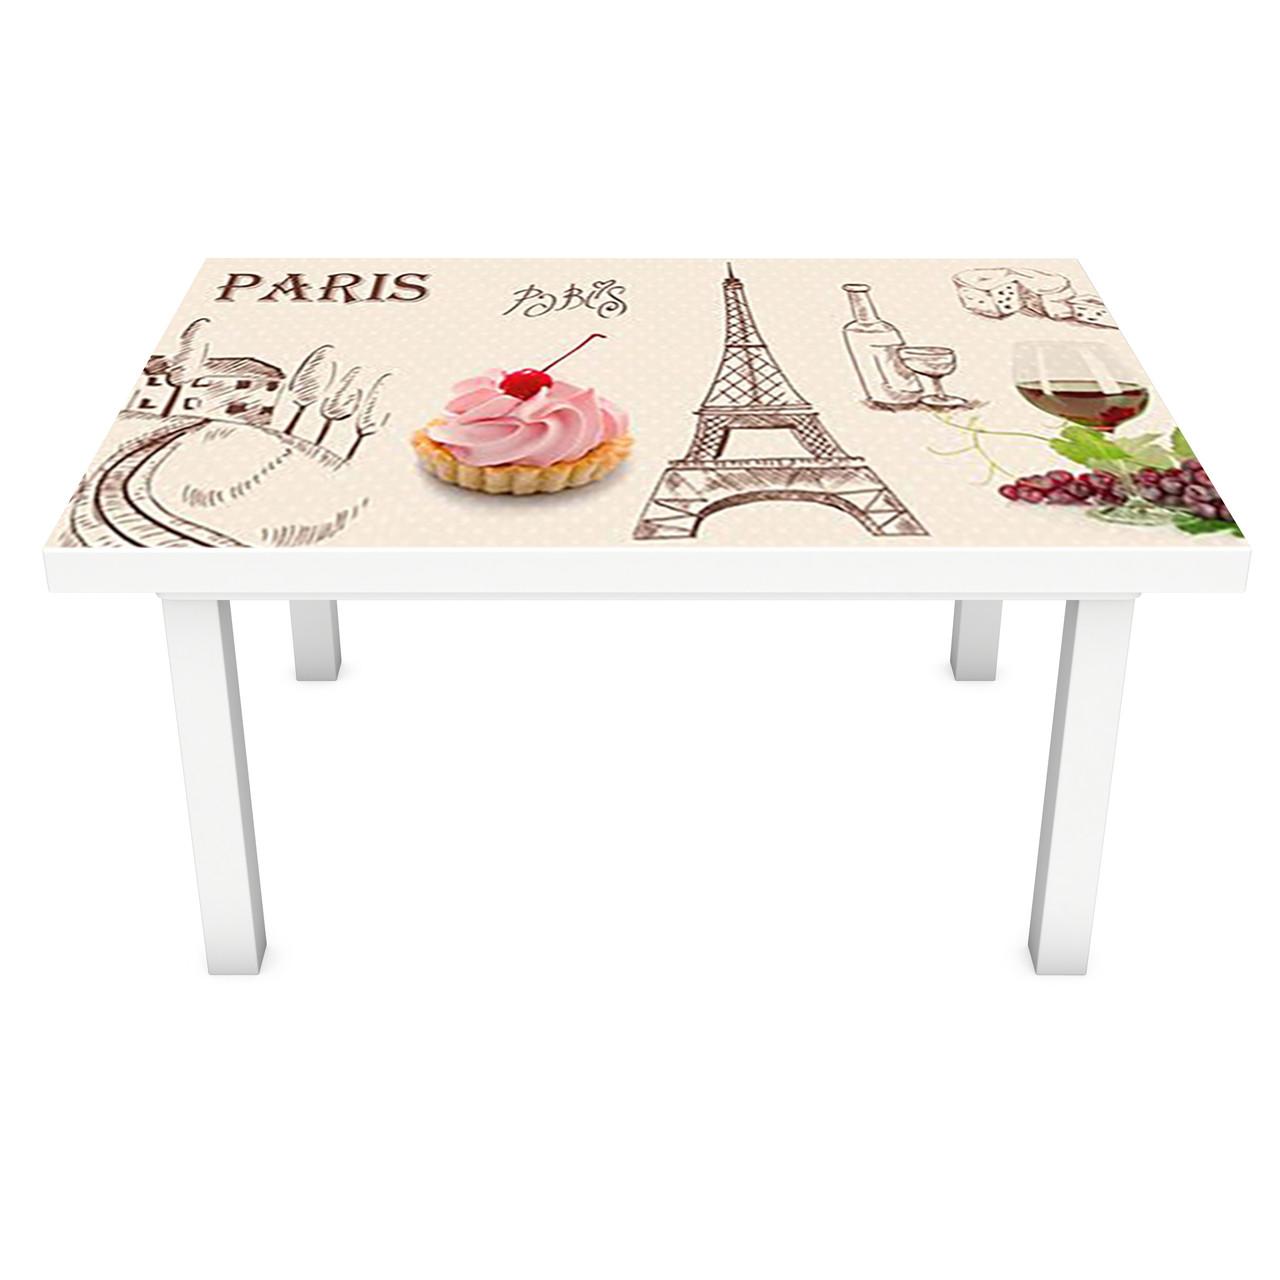 Наклейка на стол Сладости Парижа (3Д виниловая пленка 3Д) пирожные Еда Бежевый 600*1200 мм